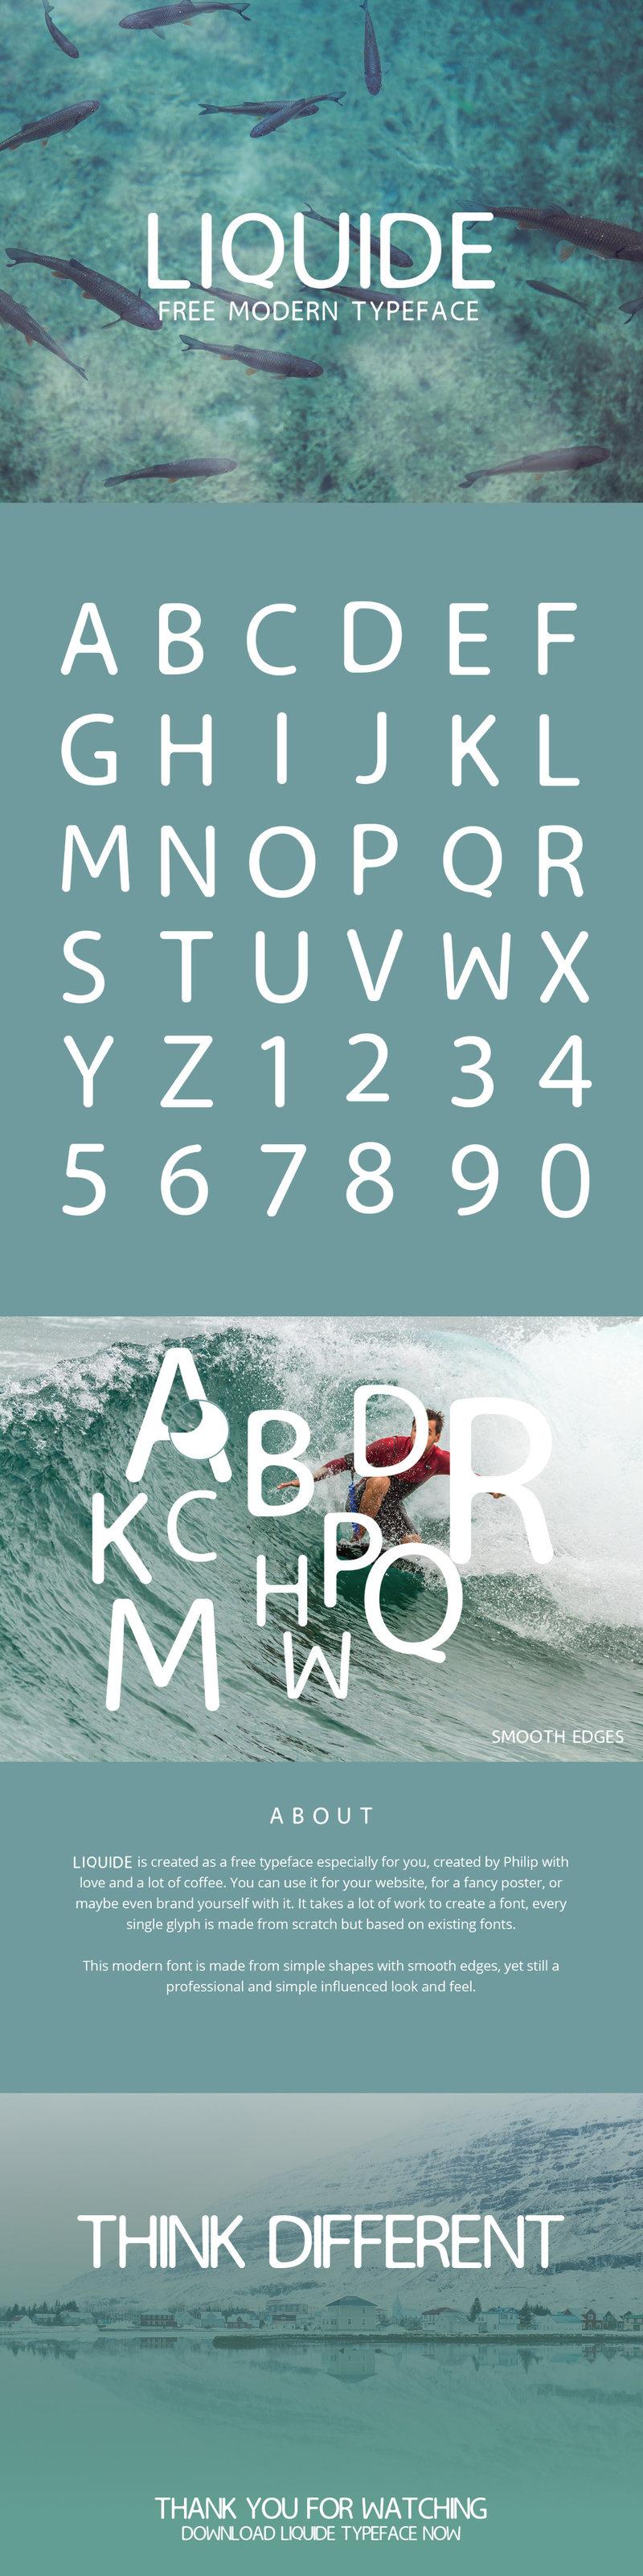 rsz_liquide_-_typeface